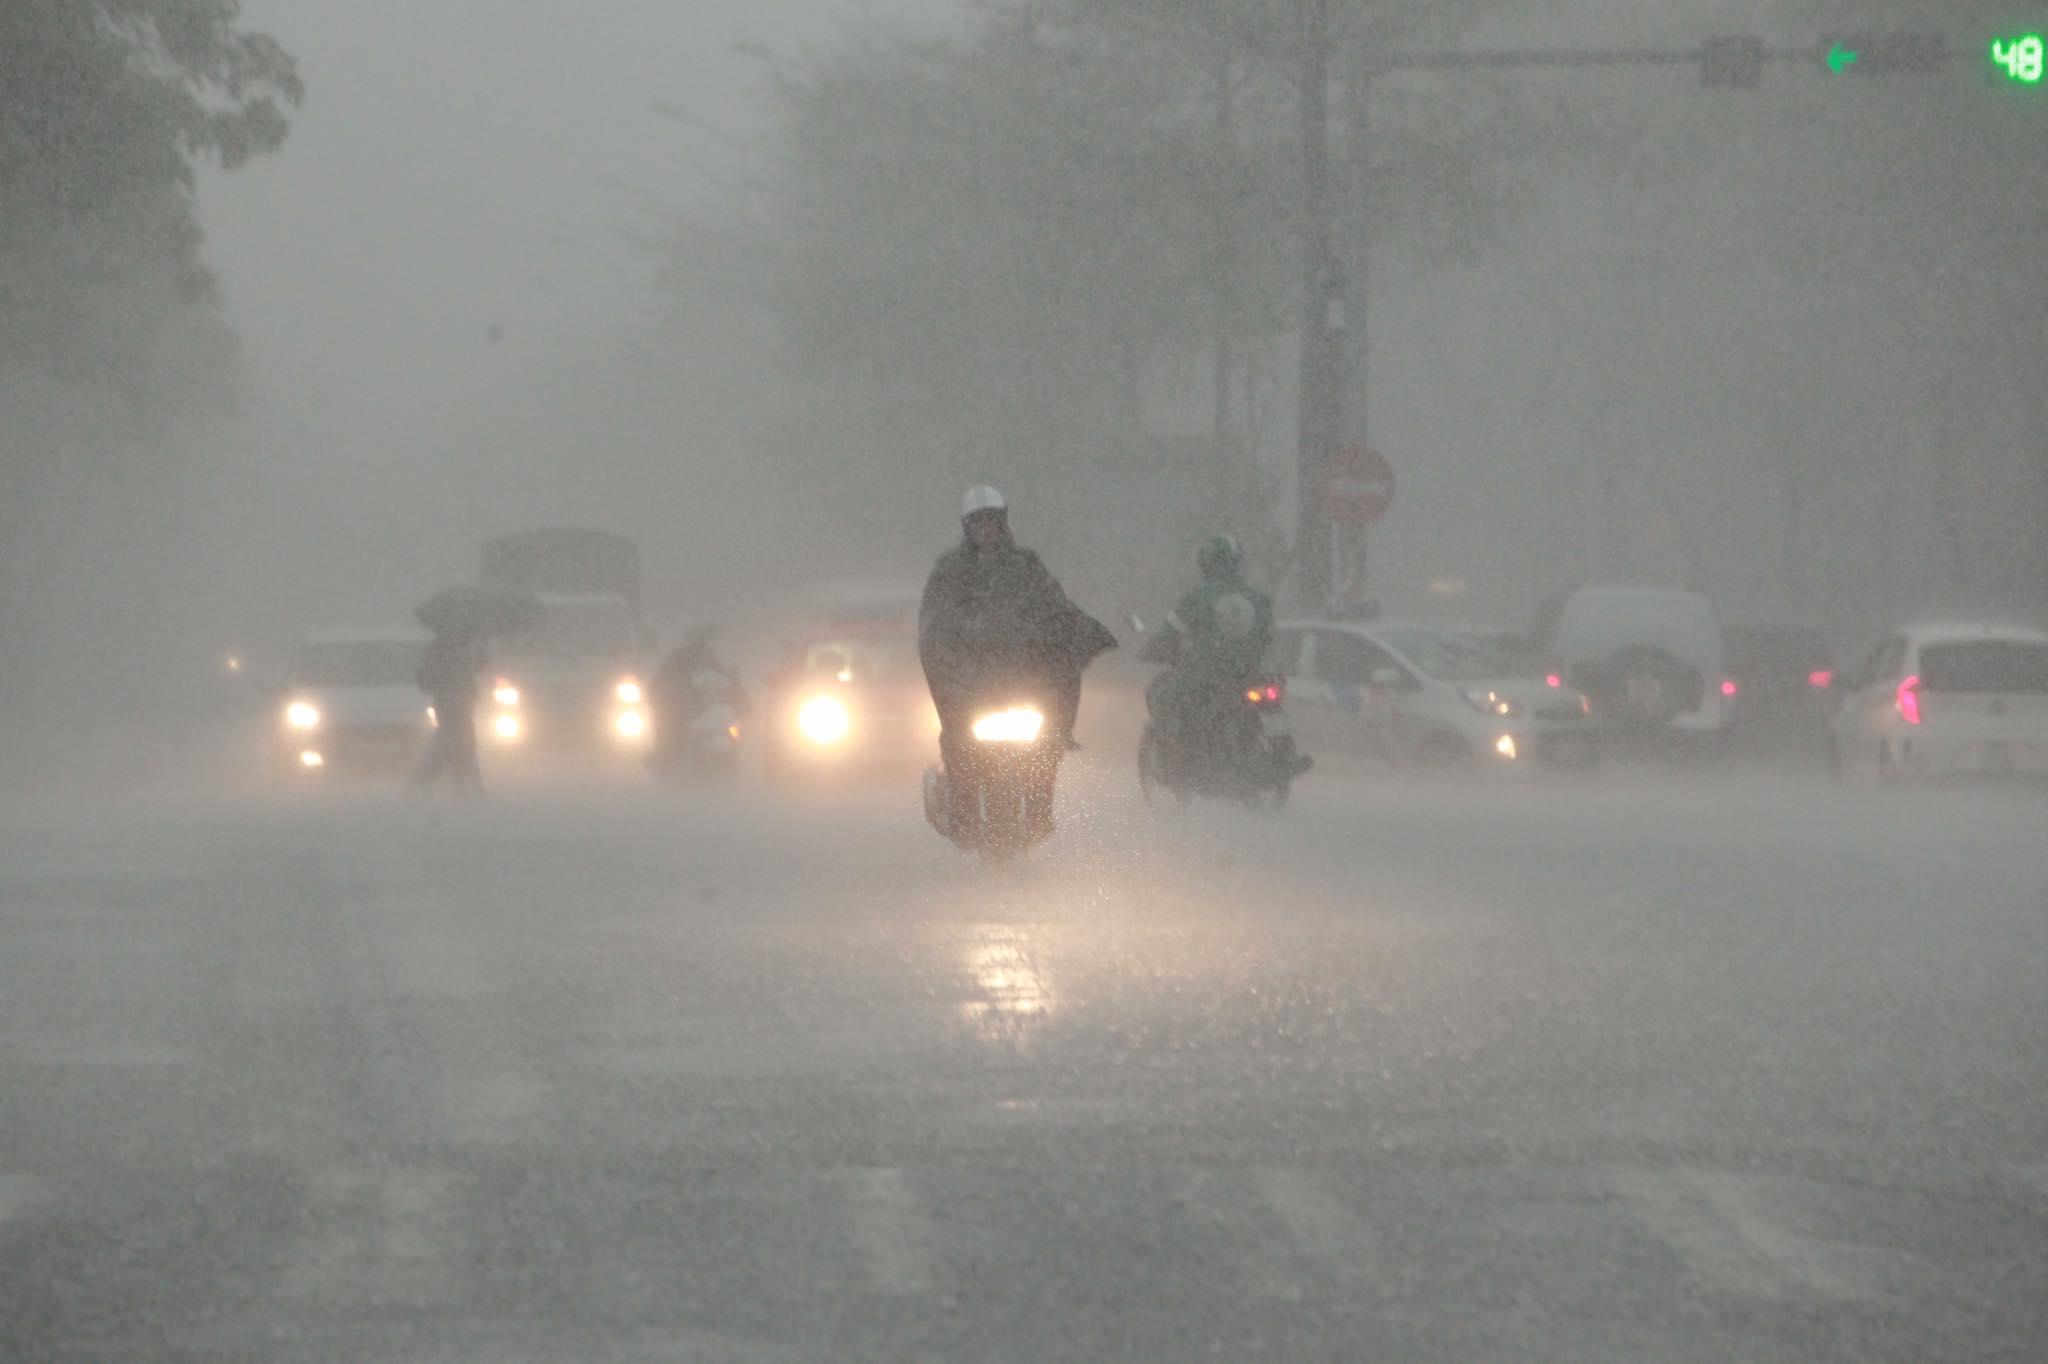 Đợt mưa dông đang giải nhiệt cho miền Bắc còn kéo dài đến khi nào? - 1